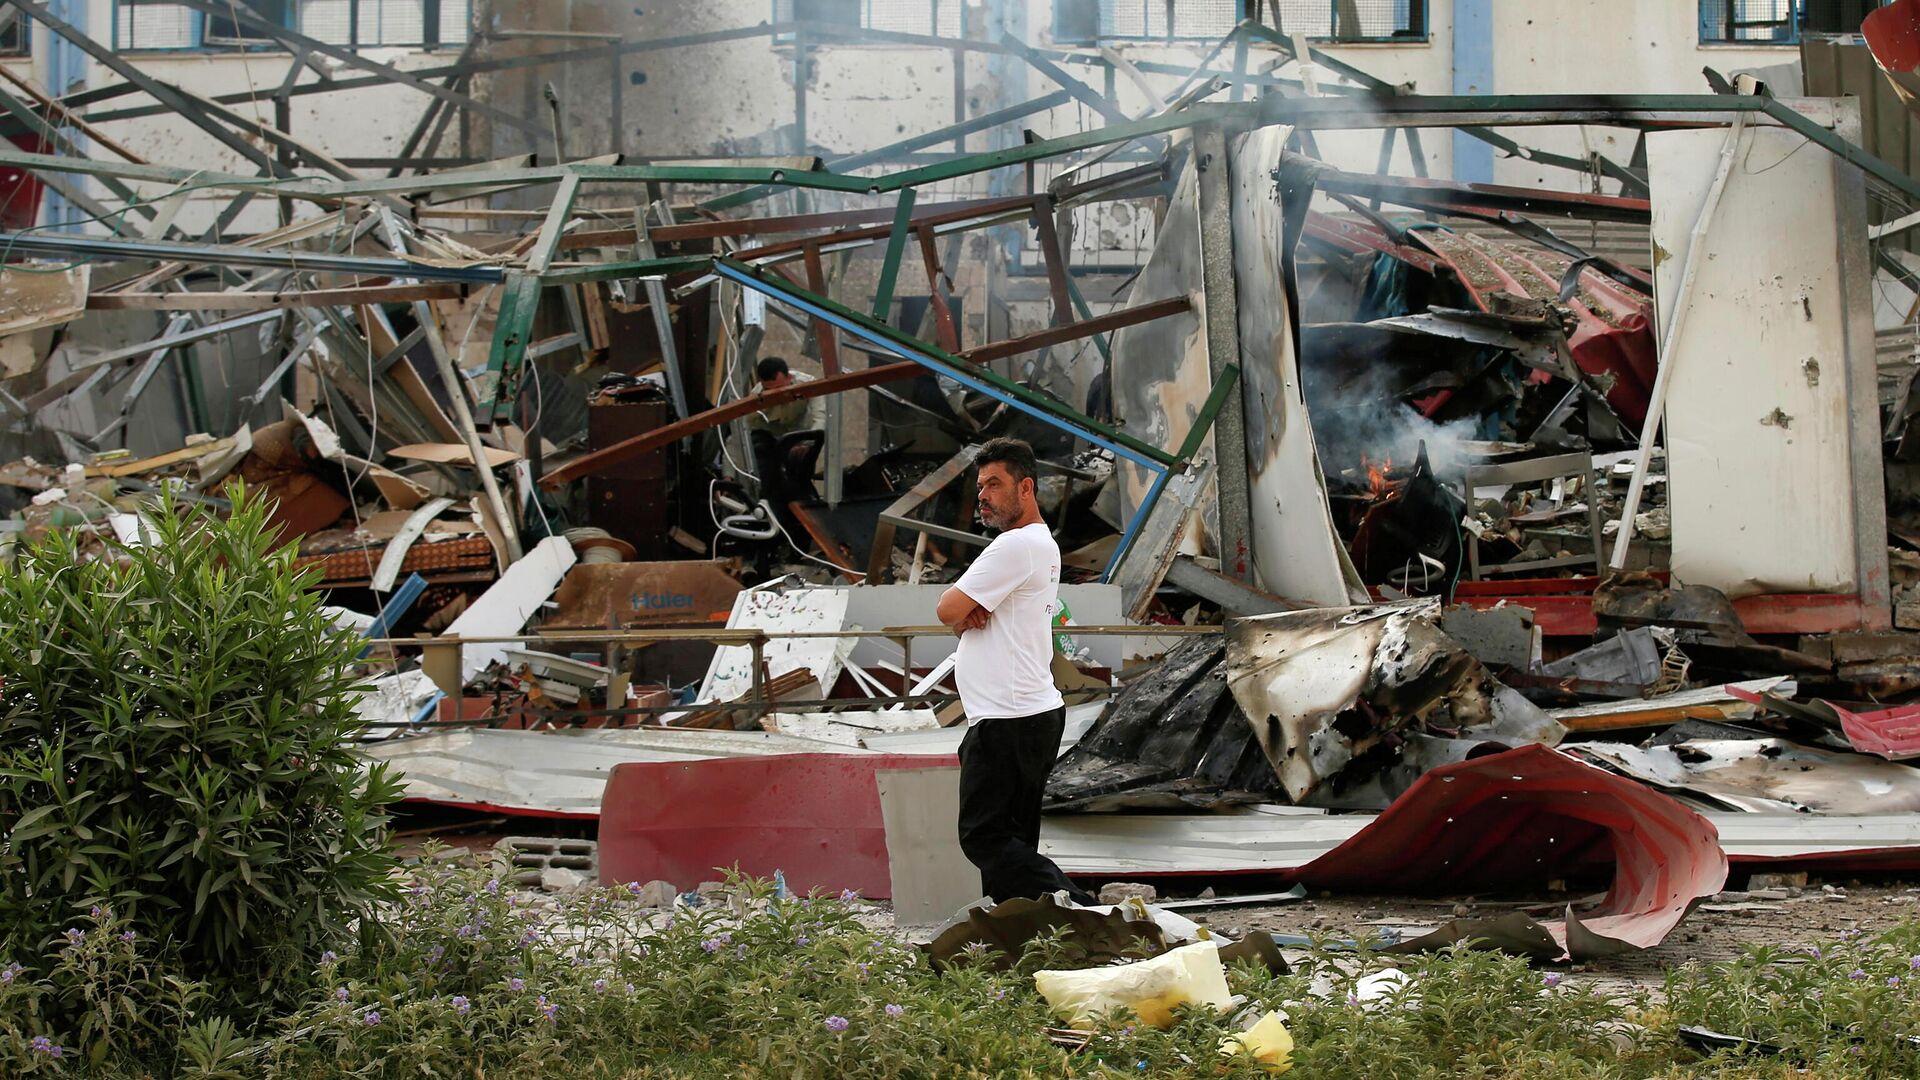 Руины в городе Газа по которому был произведен авиаудар израильской армией  - РИА Новости, 1920, 11.05.2021